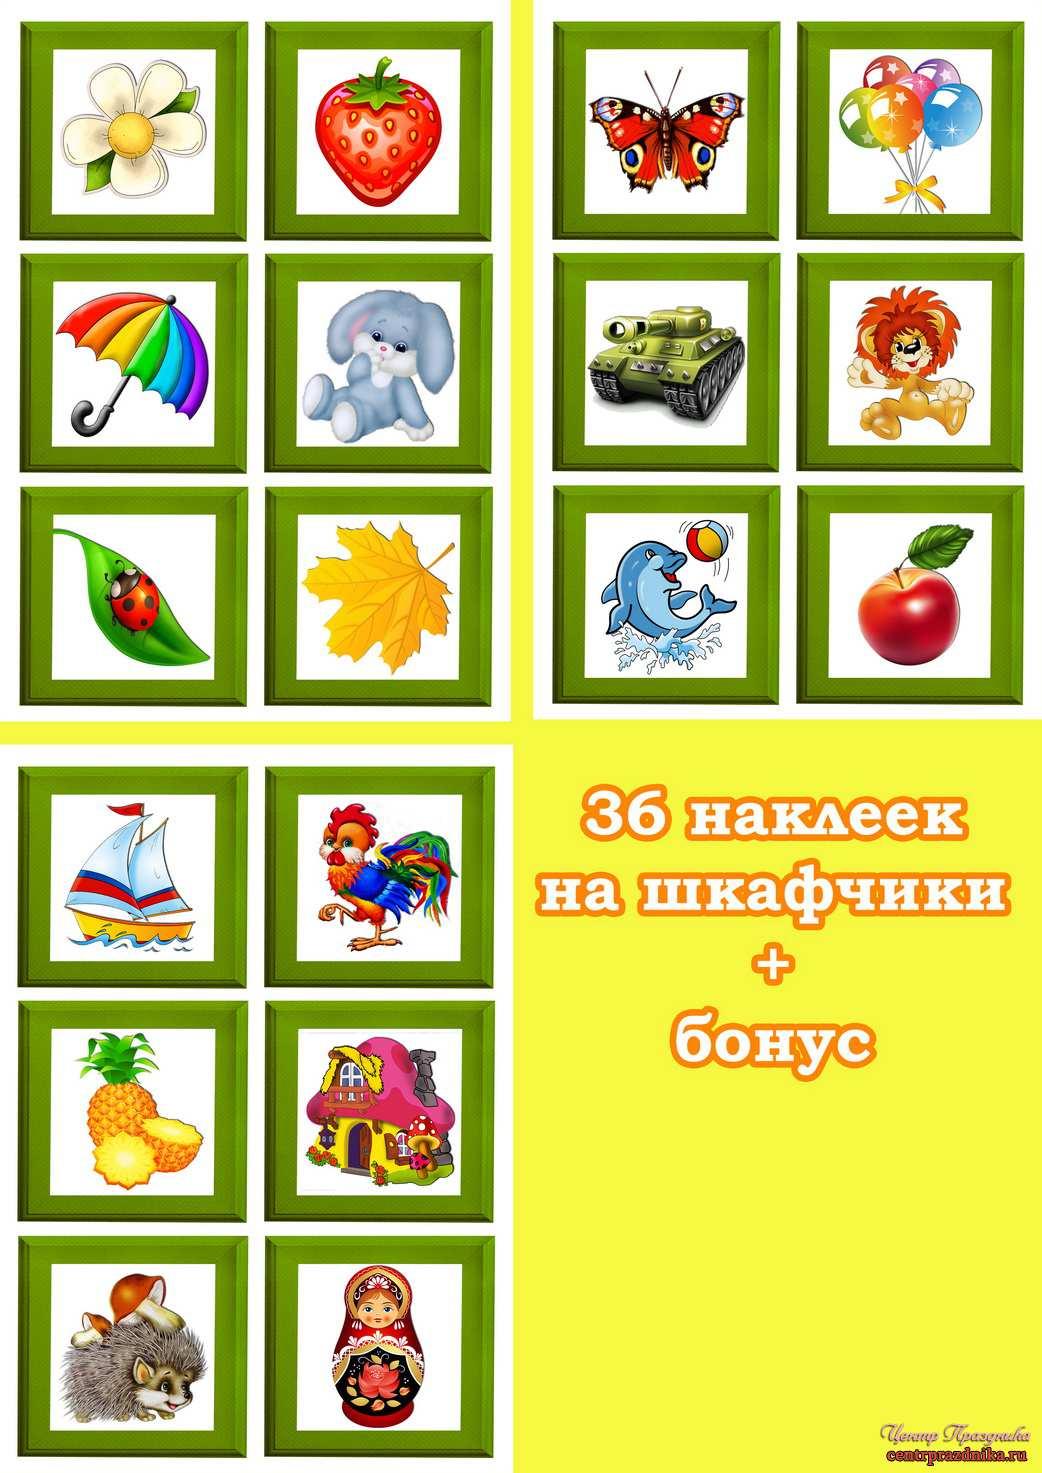 Поздравления детский сад день рождения картинки 10